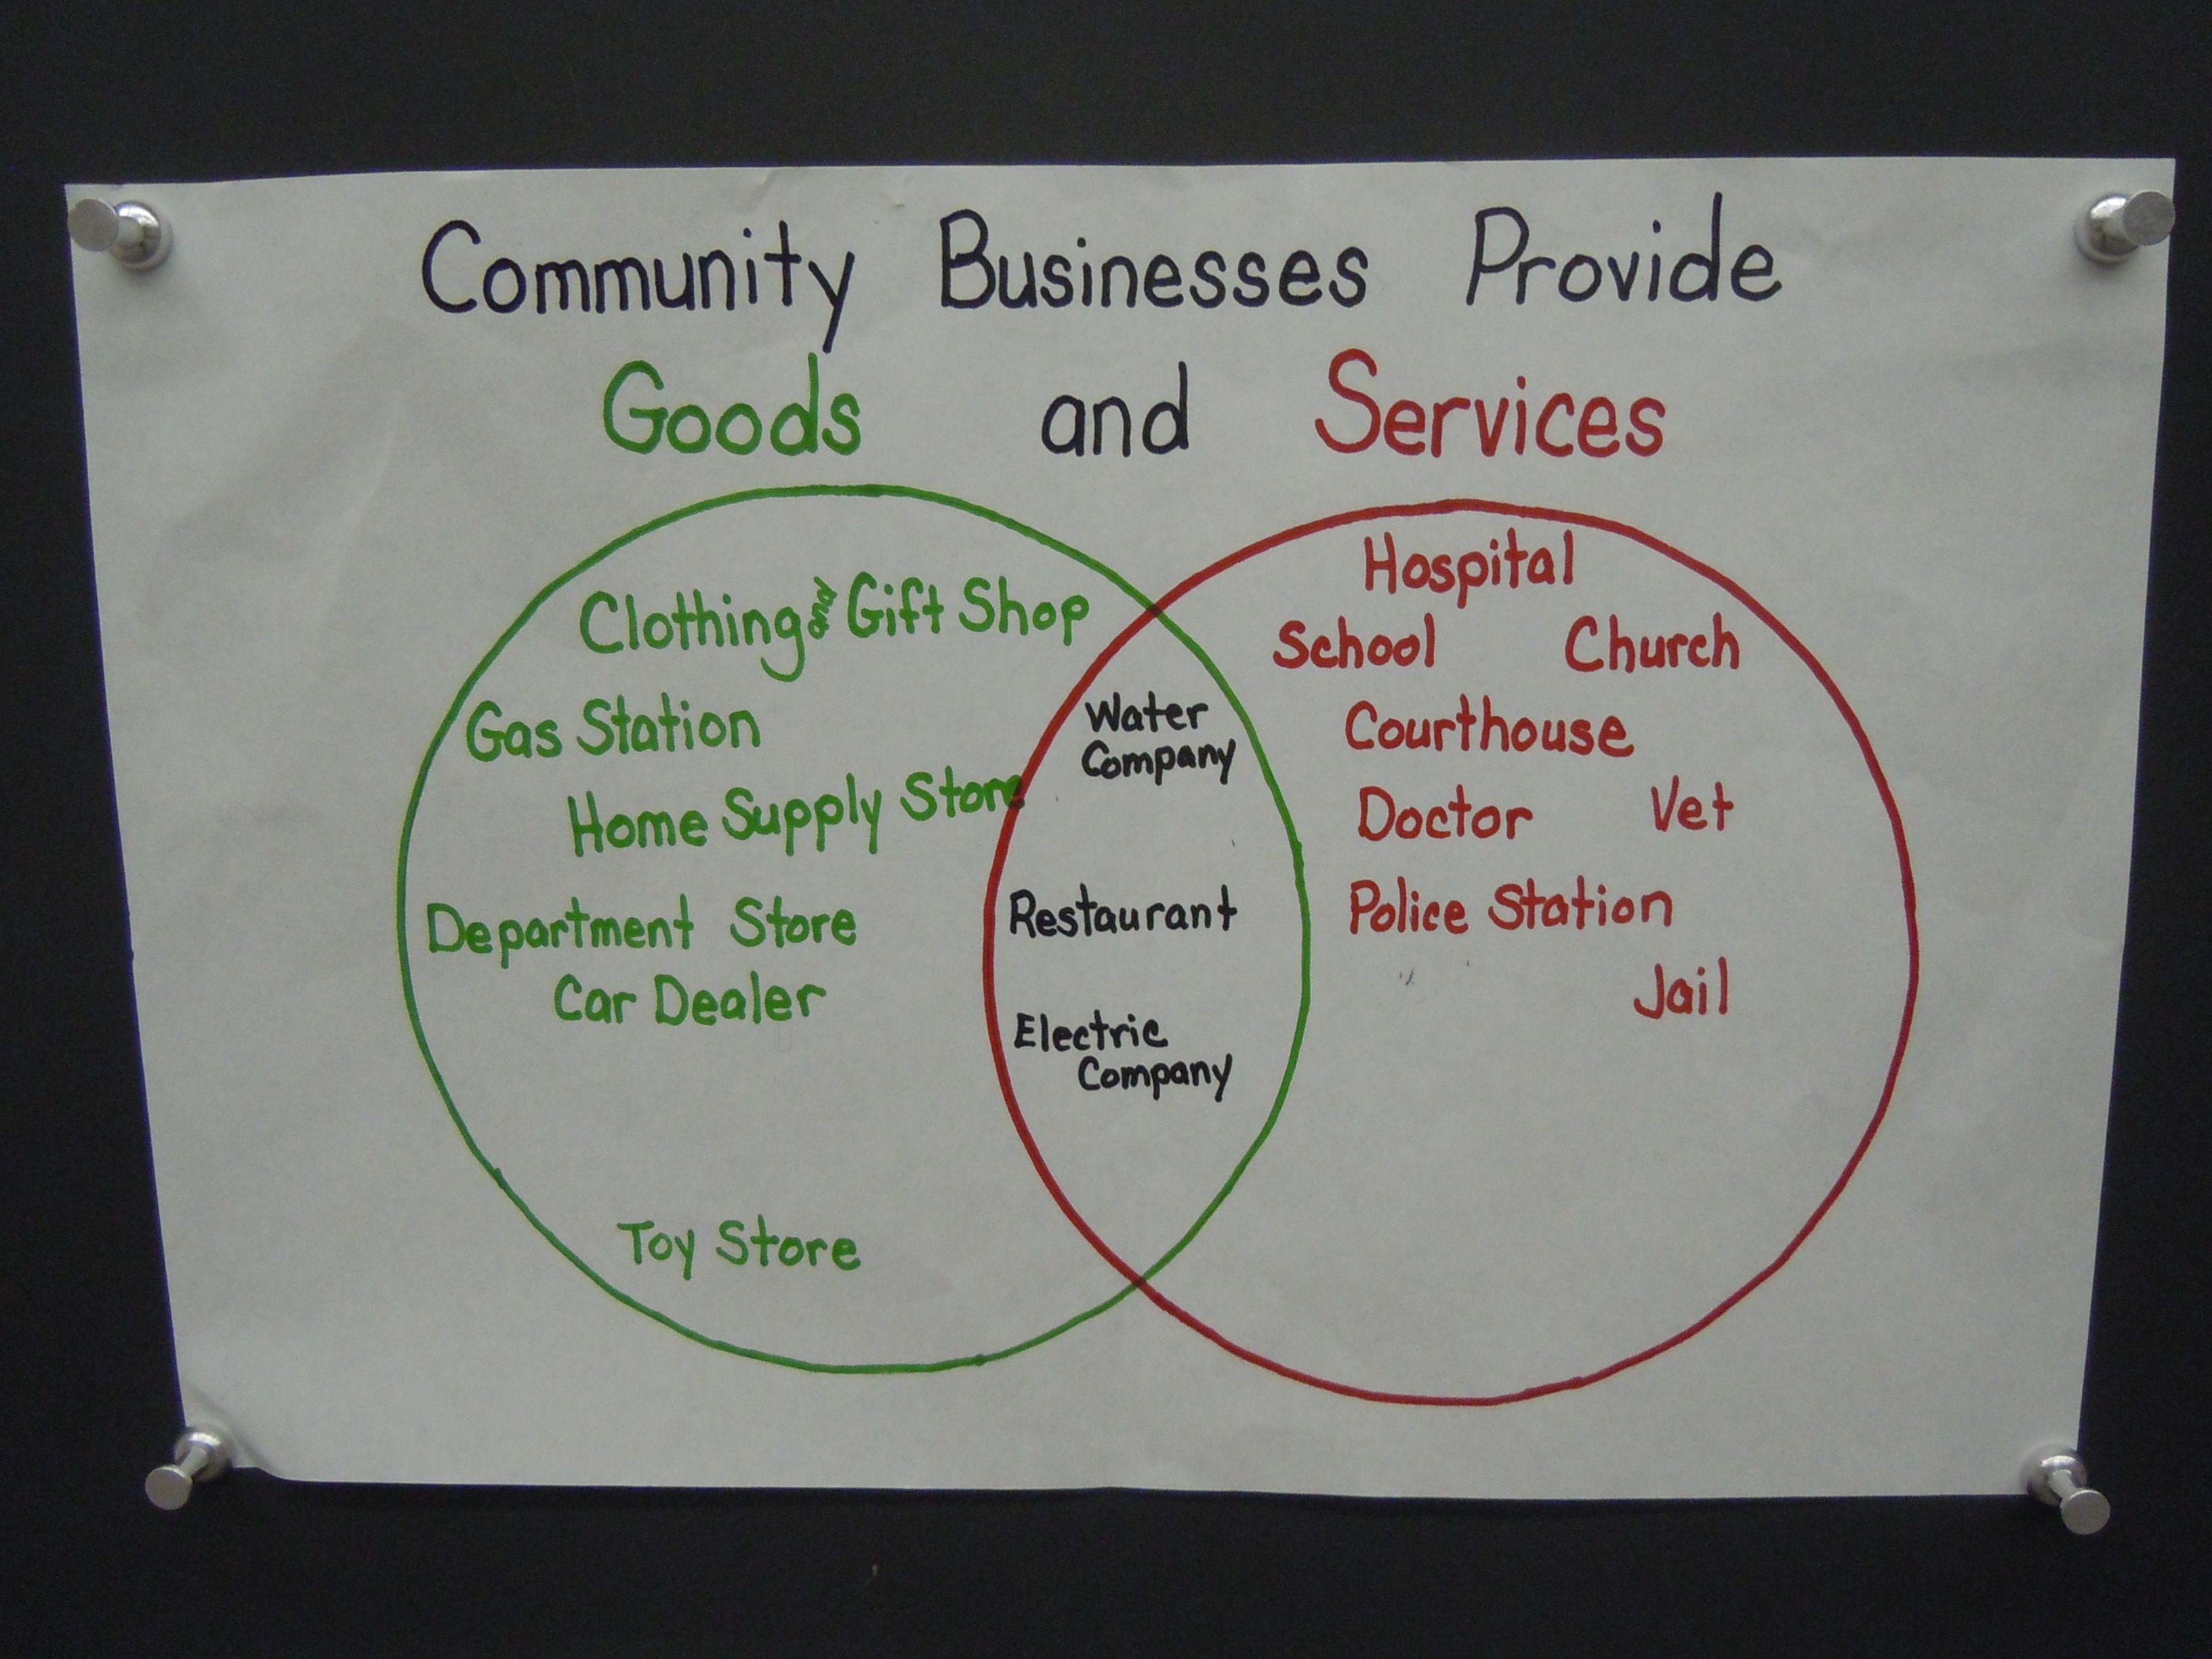 Venn Diagram Of Community Businesses That Provide Goods